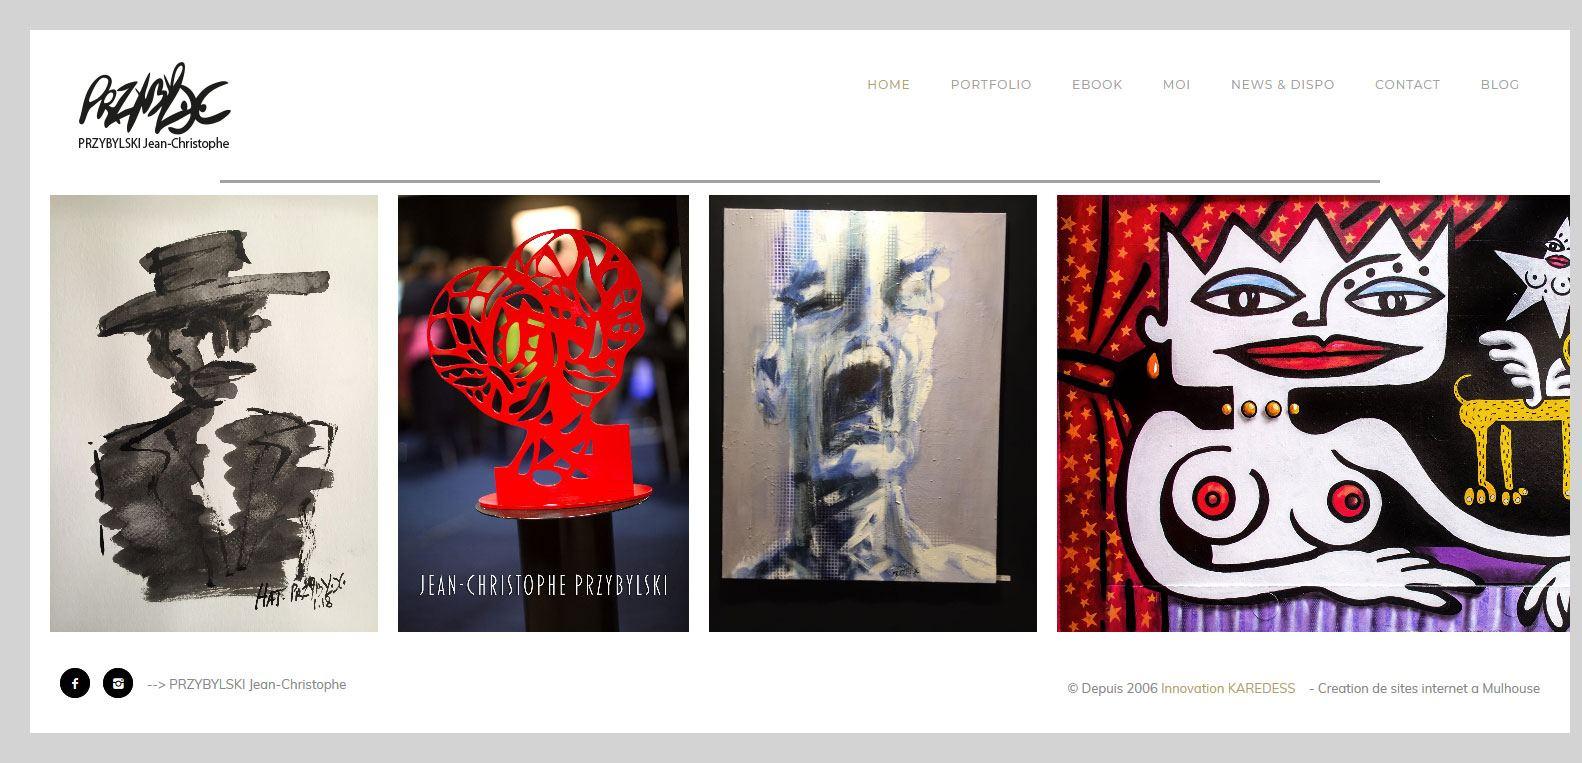 PRYBYLSKI, artiste et client de l'agence Karedess. Agence web et digitale situé à Mulhouse